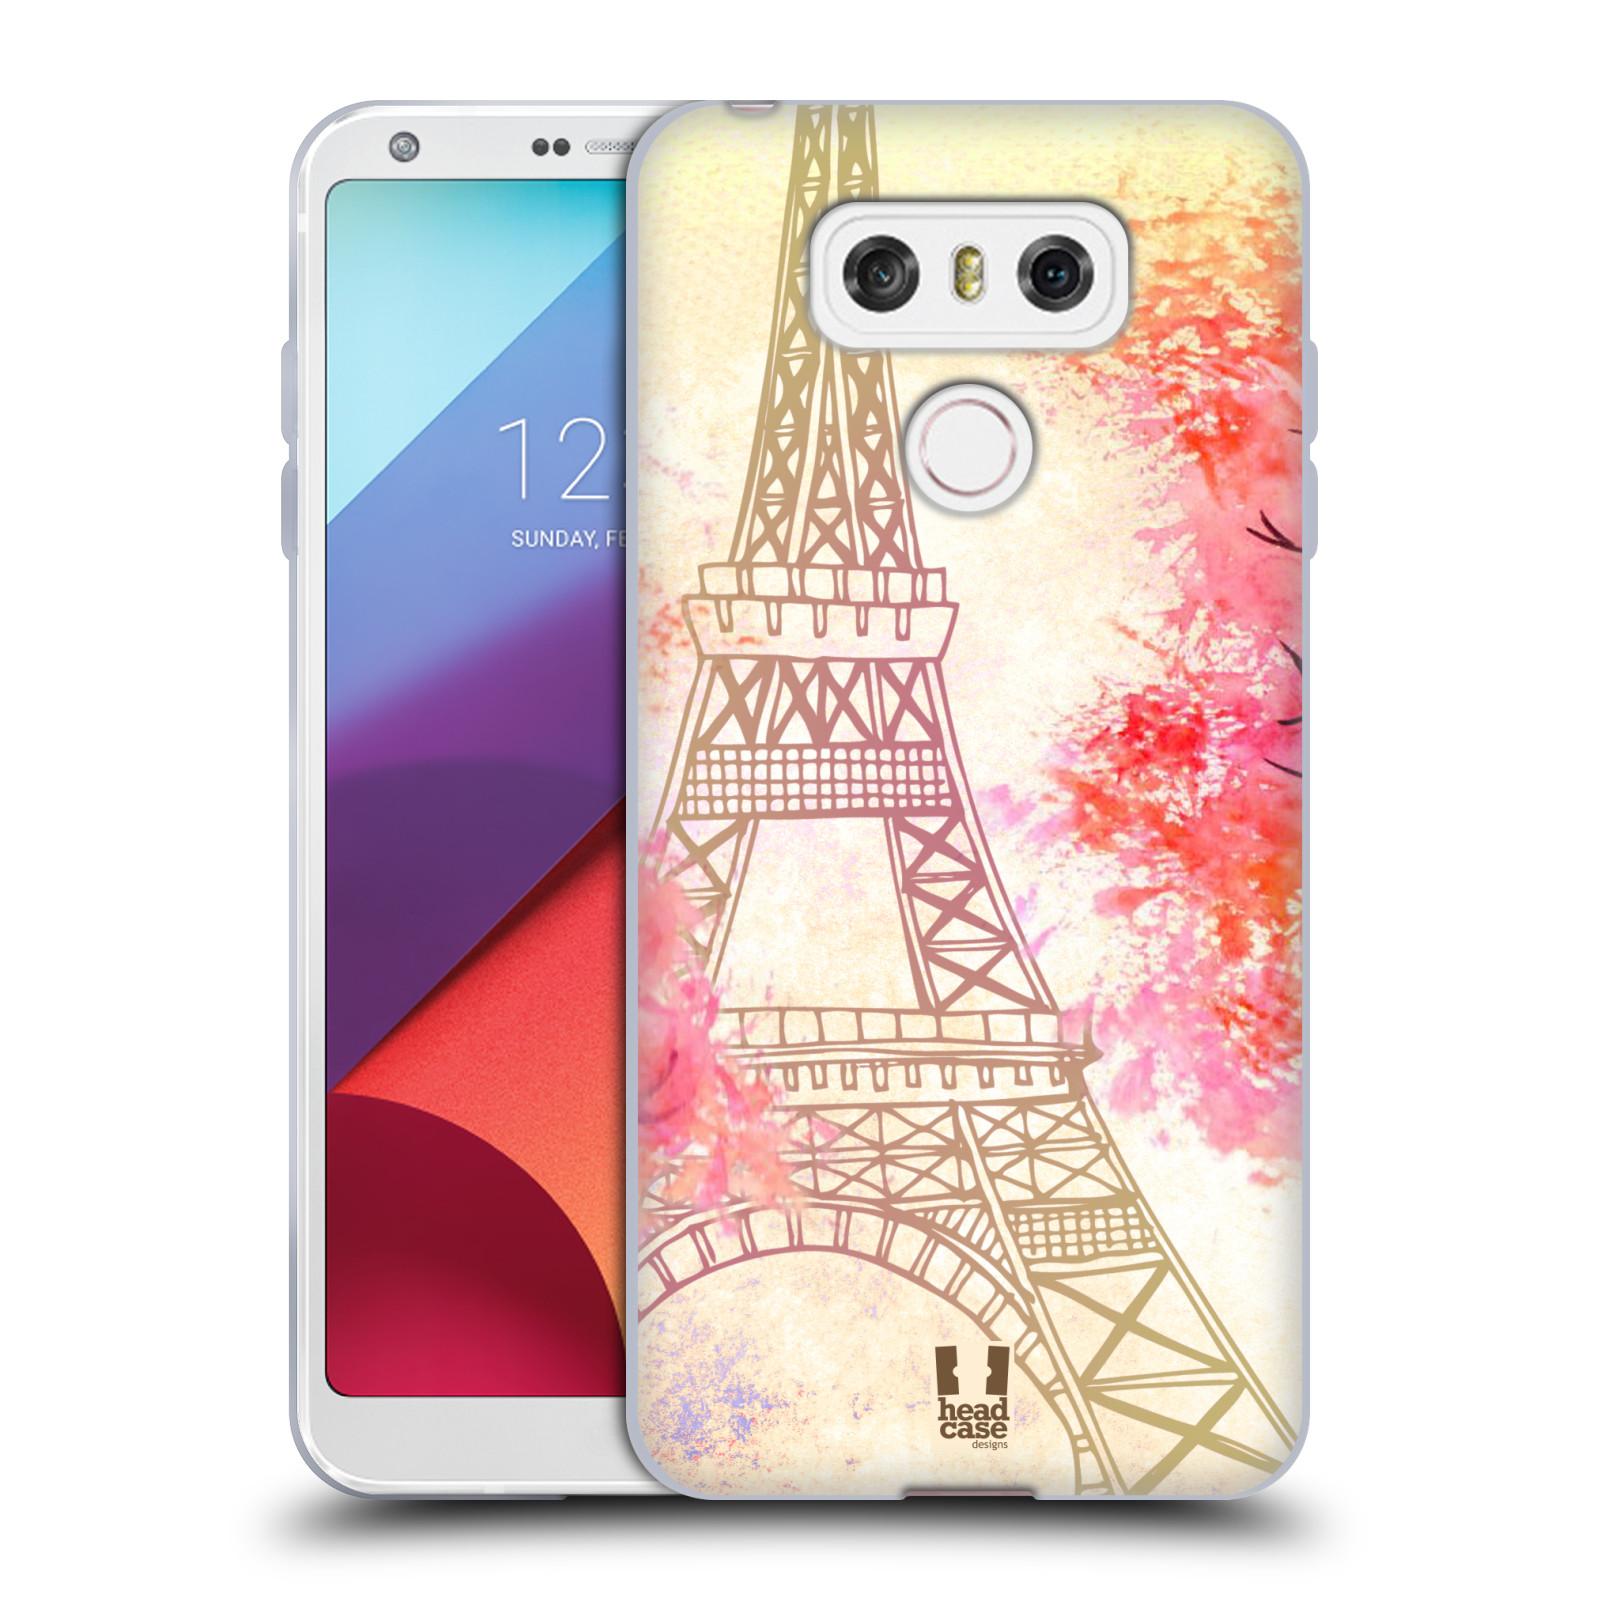 Silikonové pouzdro na mobil LG G6 - Head Case PAŘÍŽ TREES (Silikonový kryt či obal na mobilní telefon LG G6 H870 / LG G6 Dual SIM H870DS)